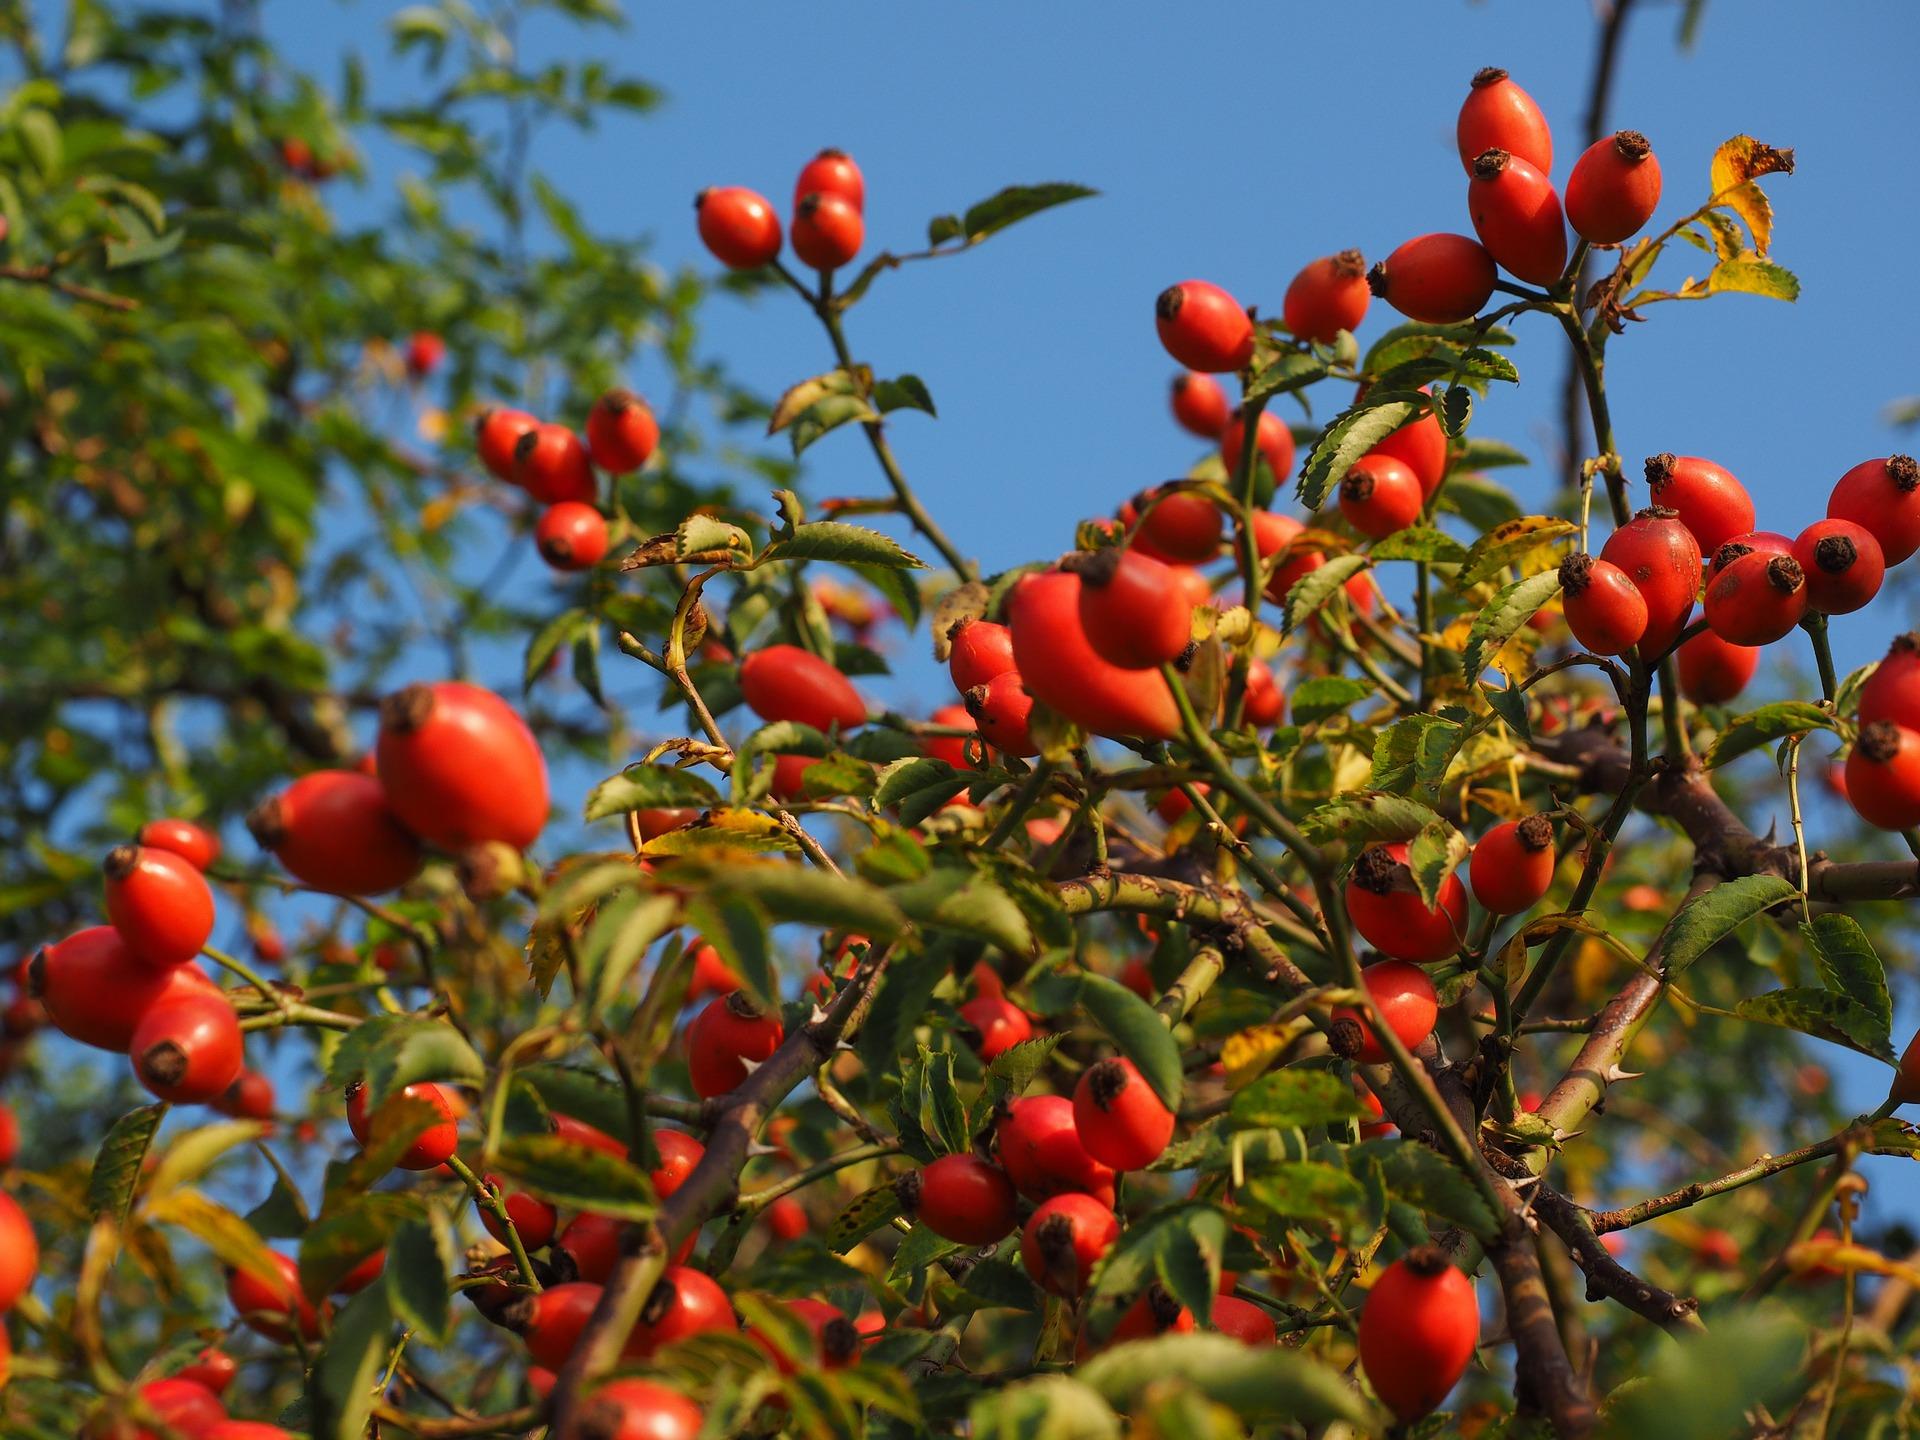 Melyik vitaminban gazdag növény van a képen?